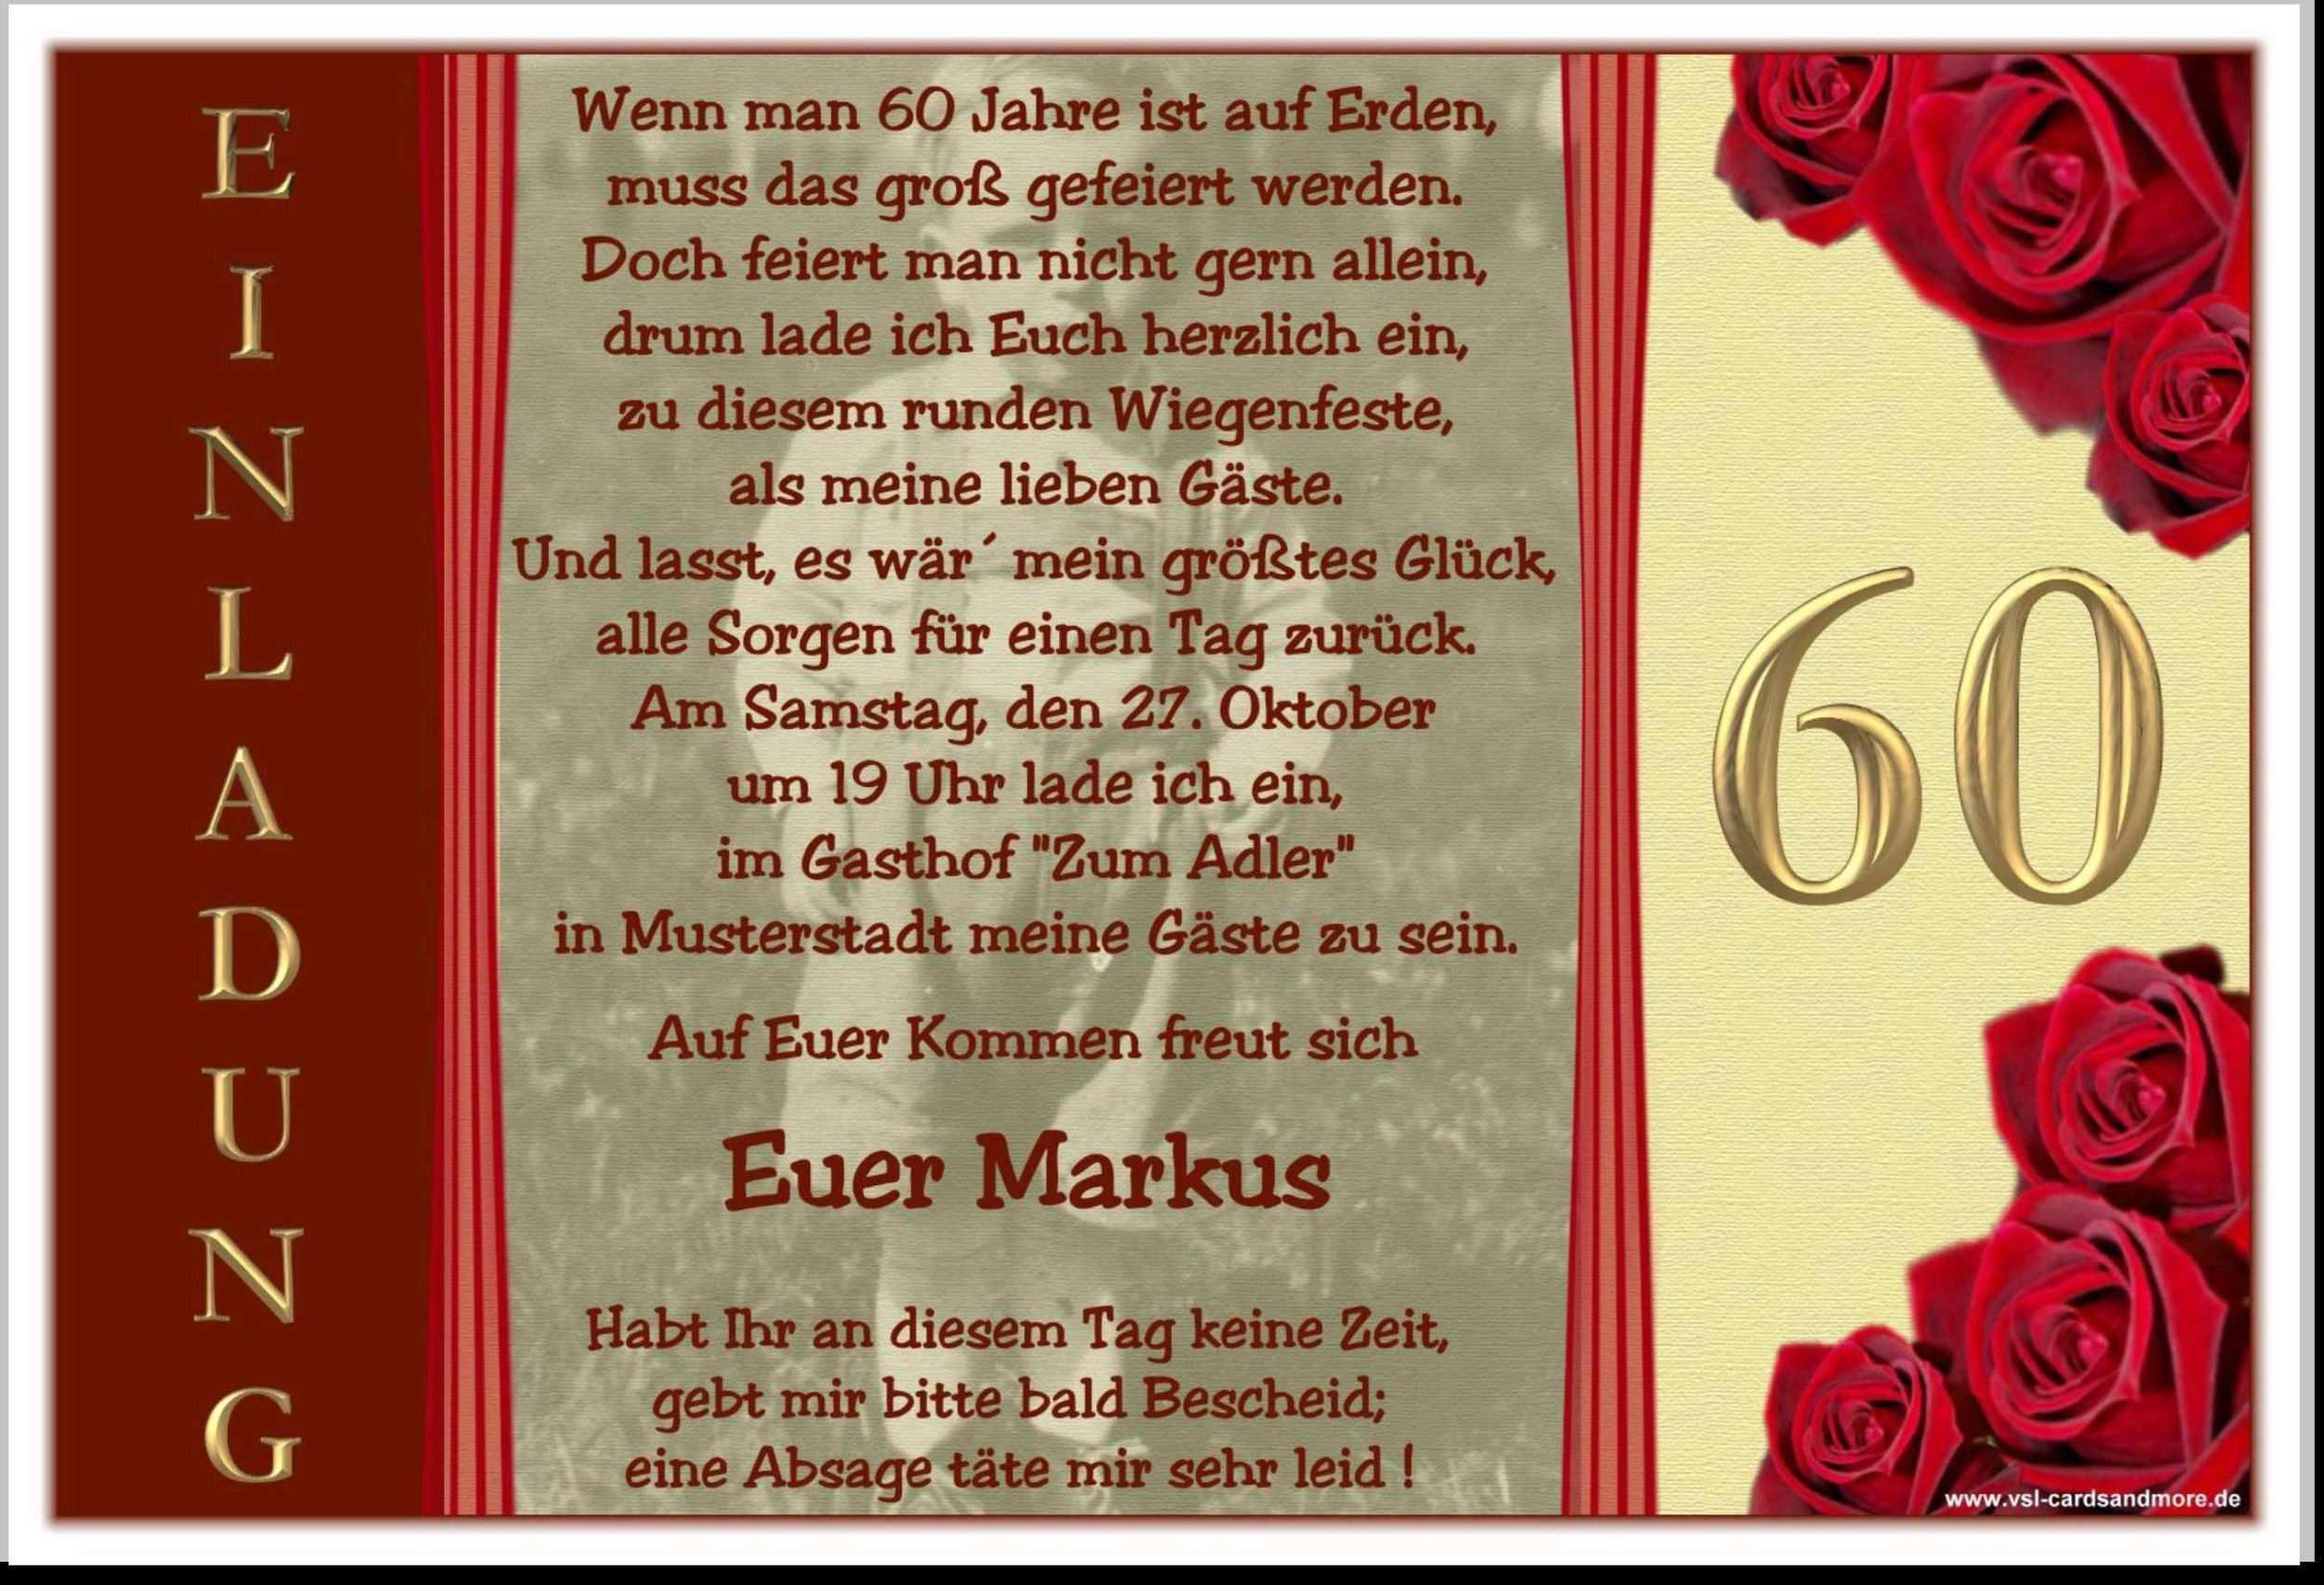 Einladungskarten Geburtstag 60 Vorlagen Kostenlos Einladung Zum Geburtstag Einladung Geburtstag Text Einladung Geburtstag Einladung 60 Geburtstag